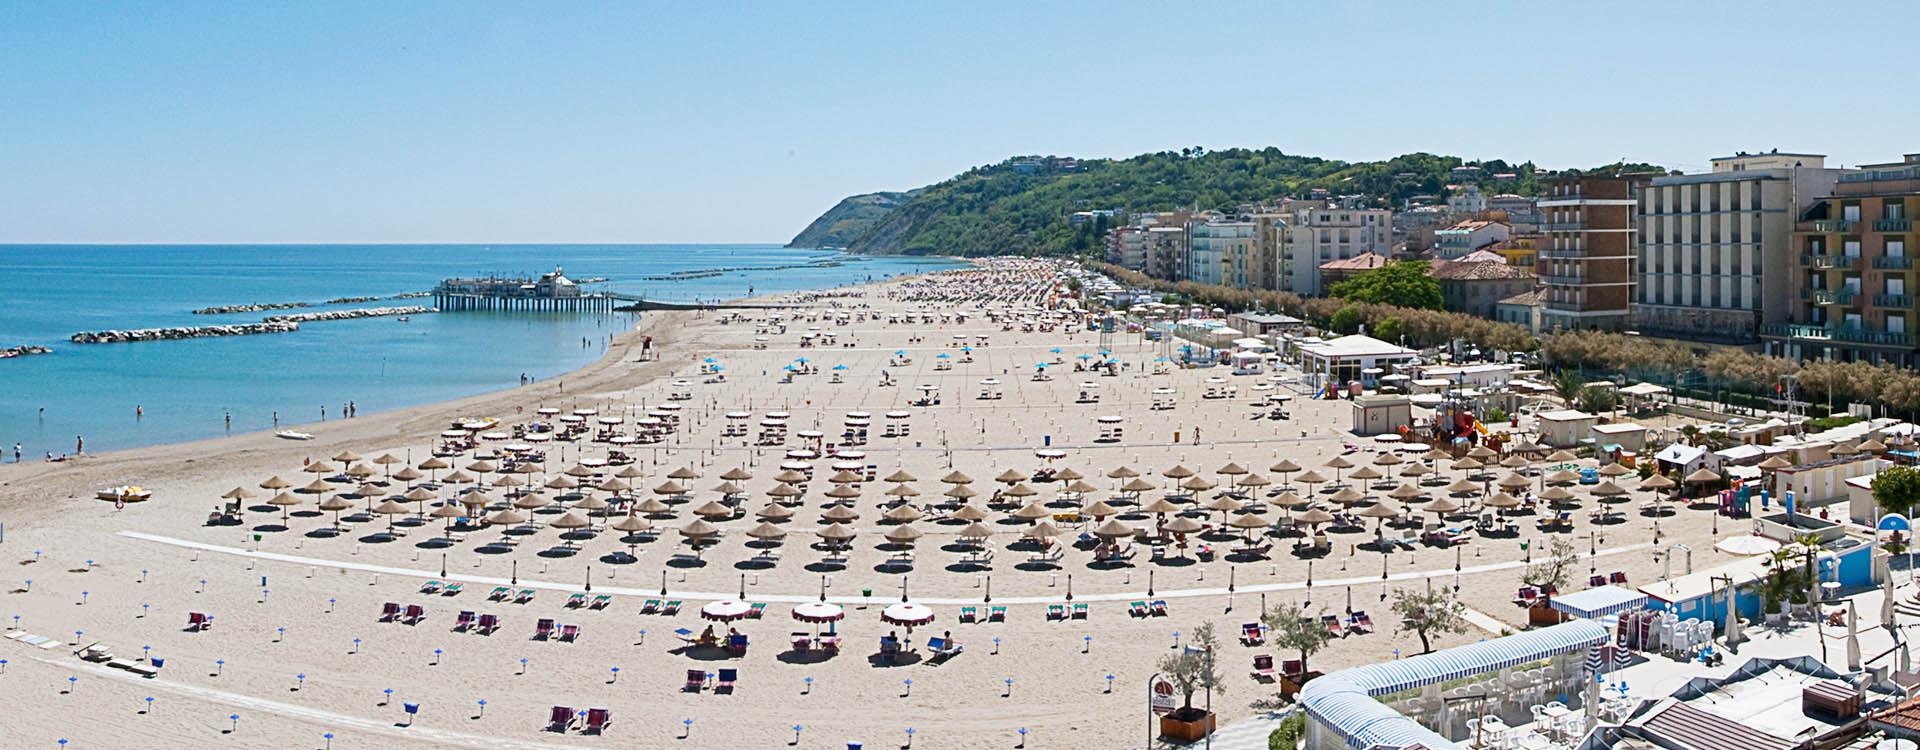 Hotel adria gabicce mare hotel sul mare gabicce for Hotel barcellona sul mare